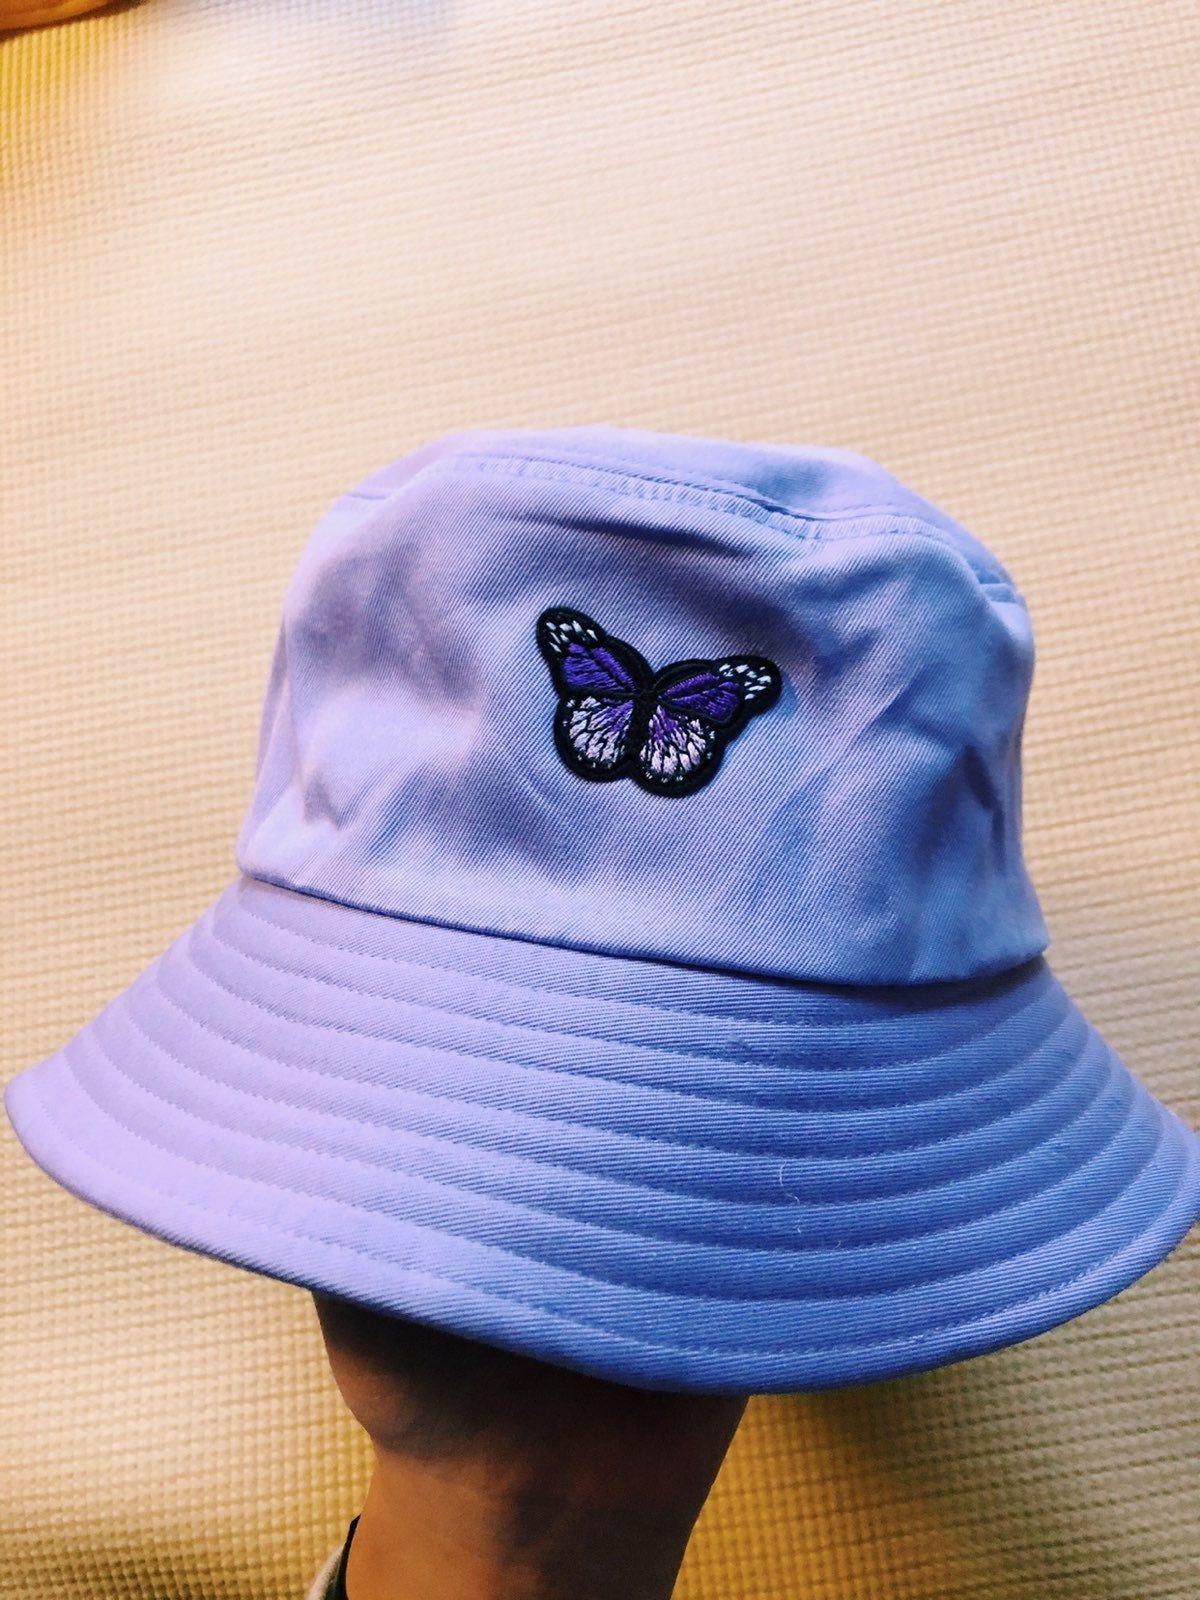 Hand Dyed Bucket Hat Butterfly Blue Tie Dye Bucket Hat Butterfly Bucket Hat Unique Tie Dye Fishermans Bucket Hat Blue Tie Dye Bucket Hat